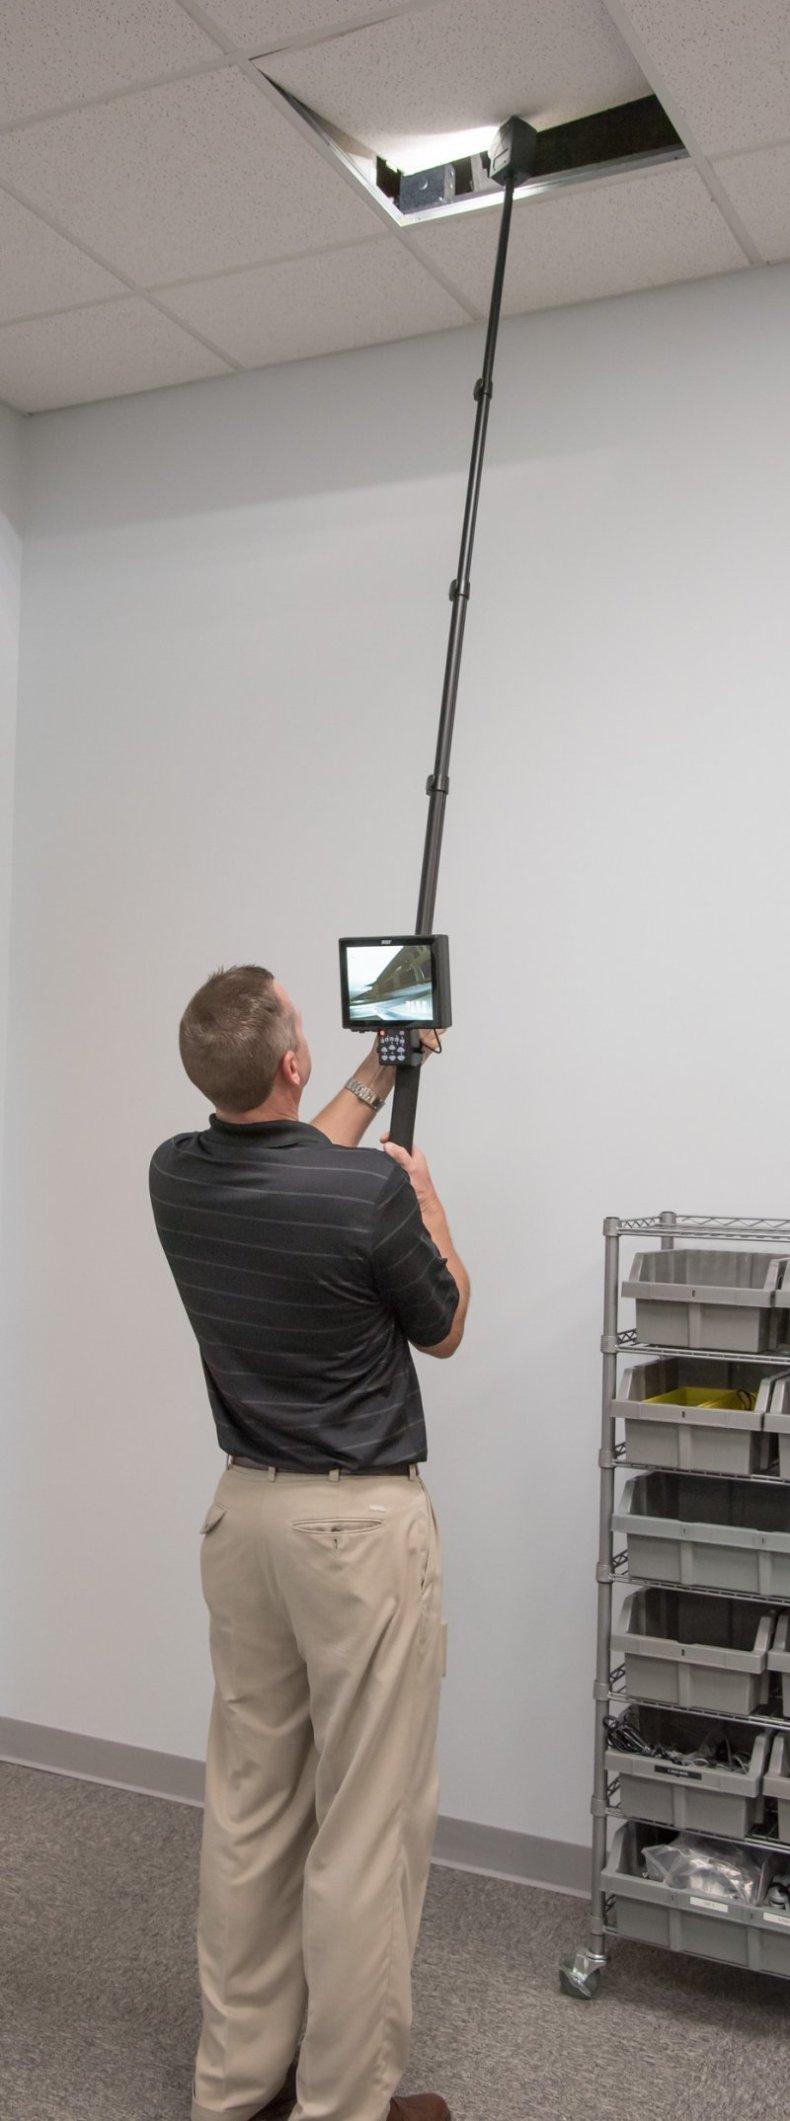 VPC 2.0 DeluxeVideo Pole Camera